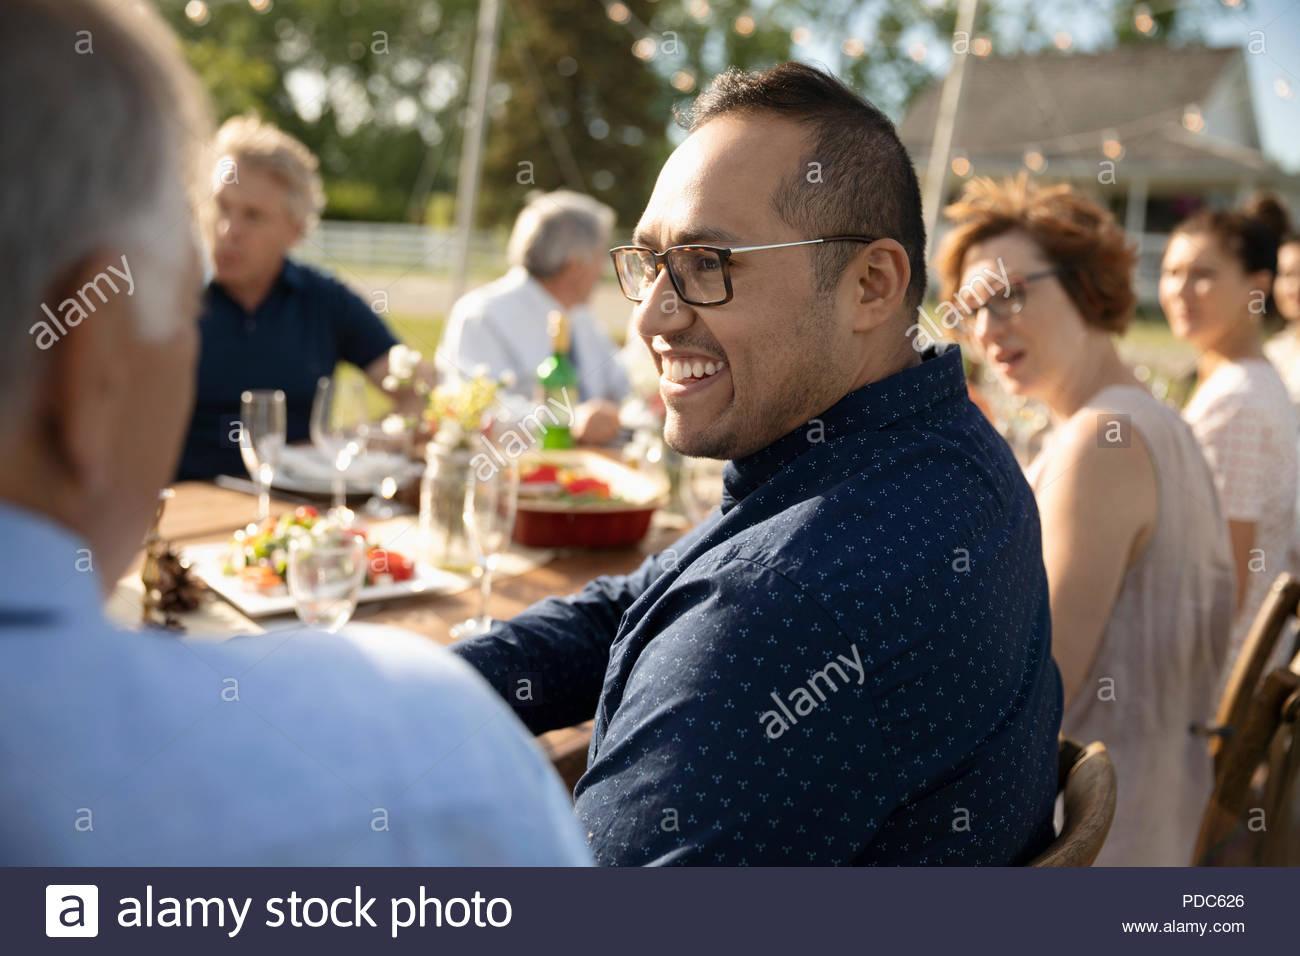 Smiling man enjoying Réception/mariages déjeuner à table patio Photo Stock